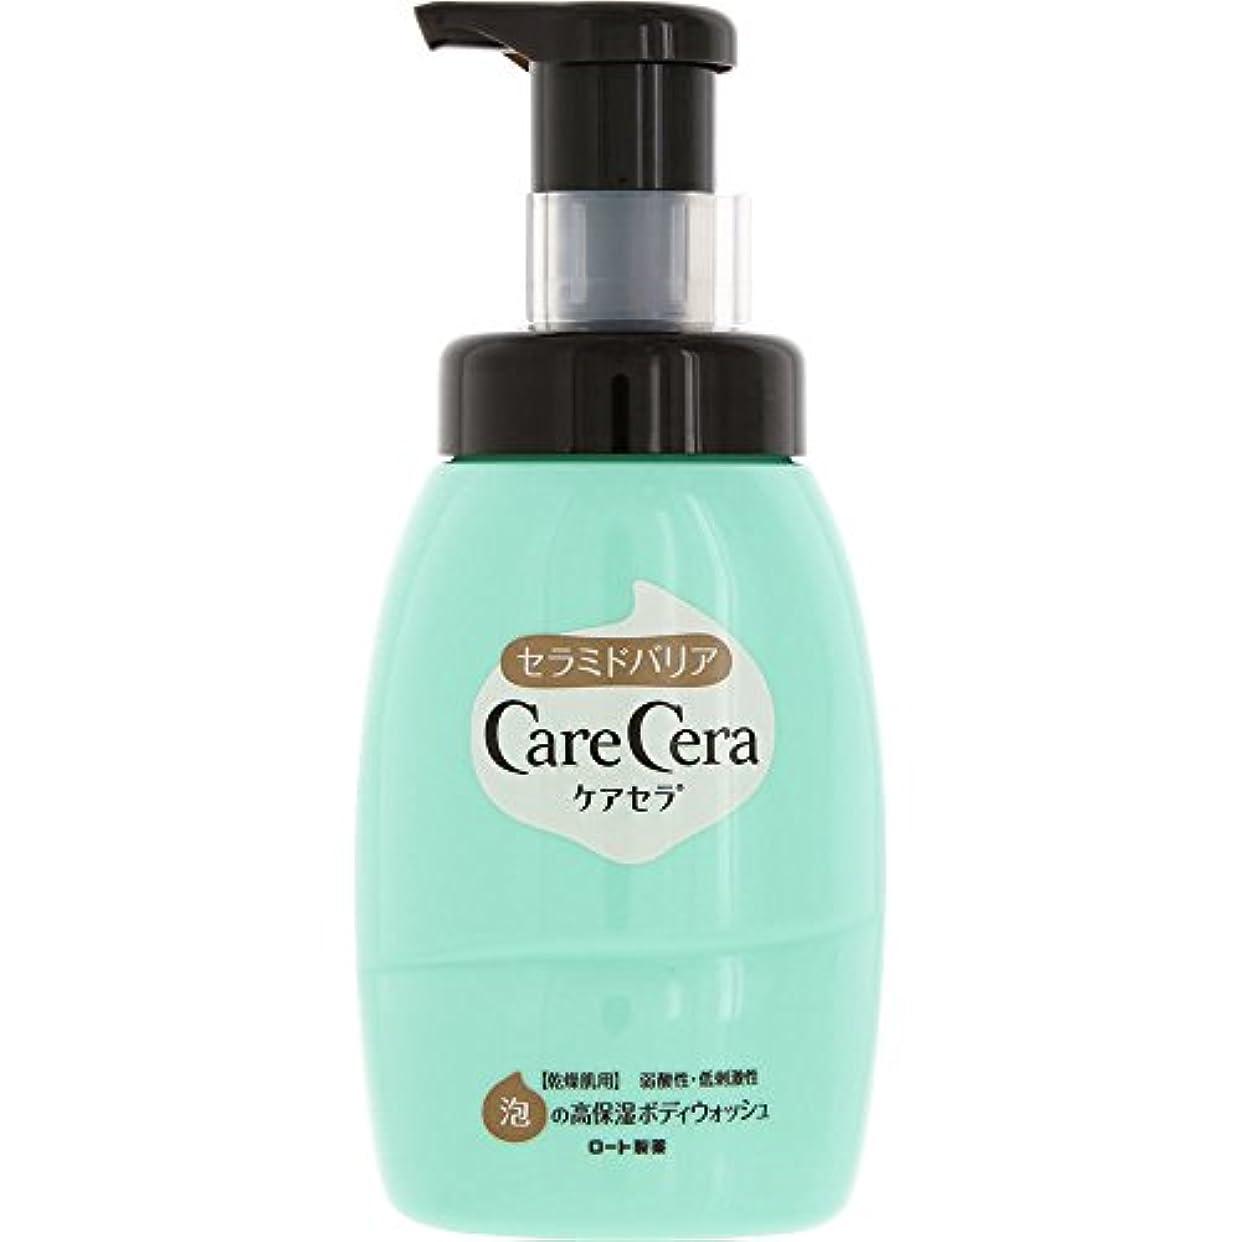 粒子泣き叫ぶウガンダケアセラ(CareCera) ロート製薬 ケアセラ  天然型セラミド7種配合 セラミド濃度10倍泡の高保湿 全身ボディウォッシュ ピュアフローラルの香り お試し企画品 300mL